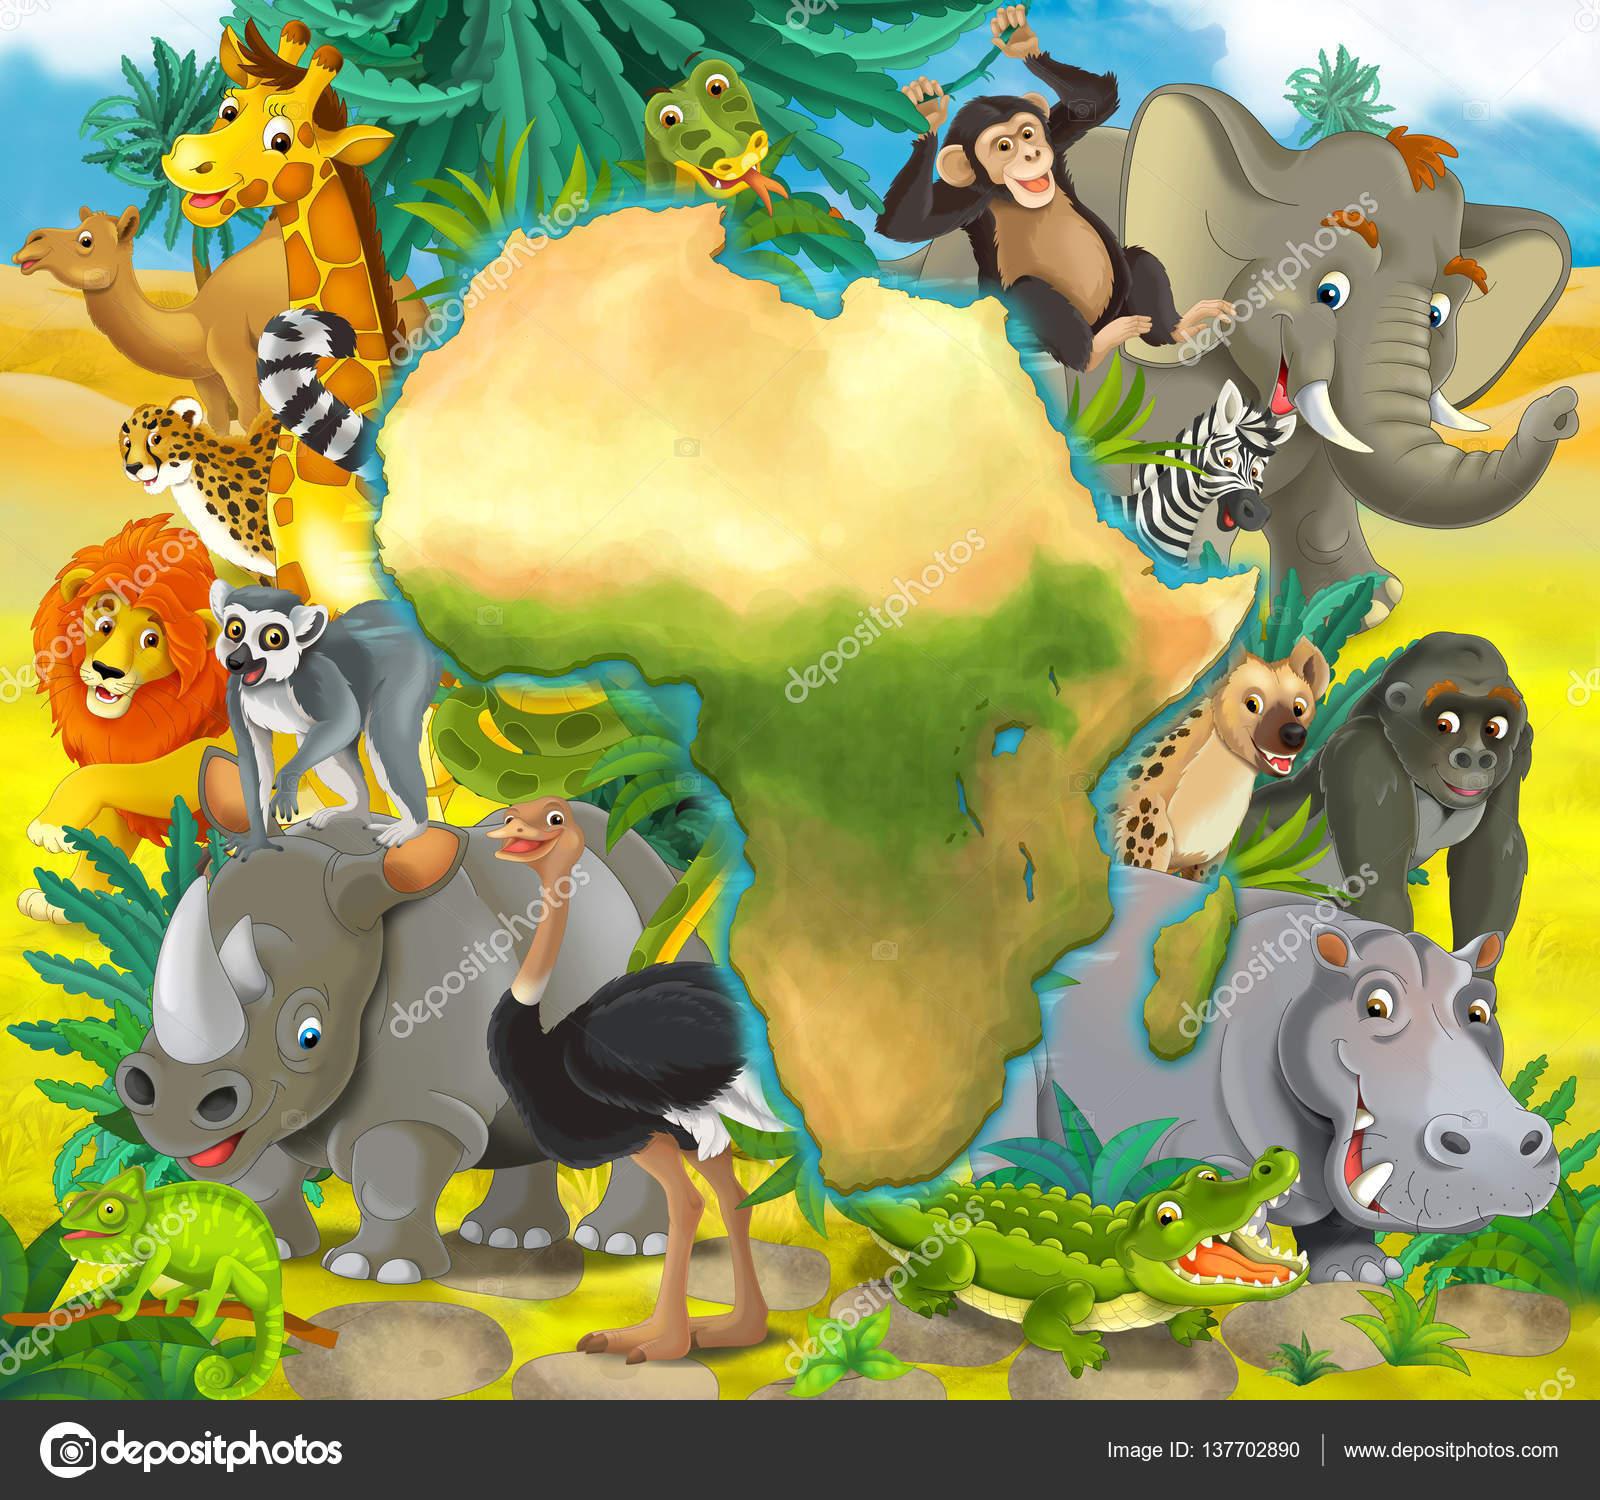 Dibujos animados de animales africanos con la